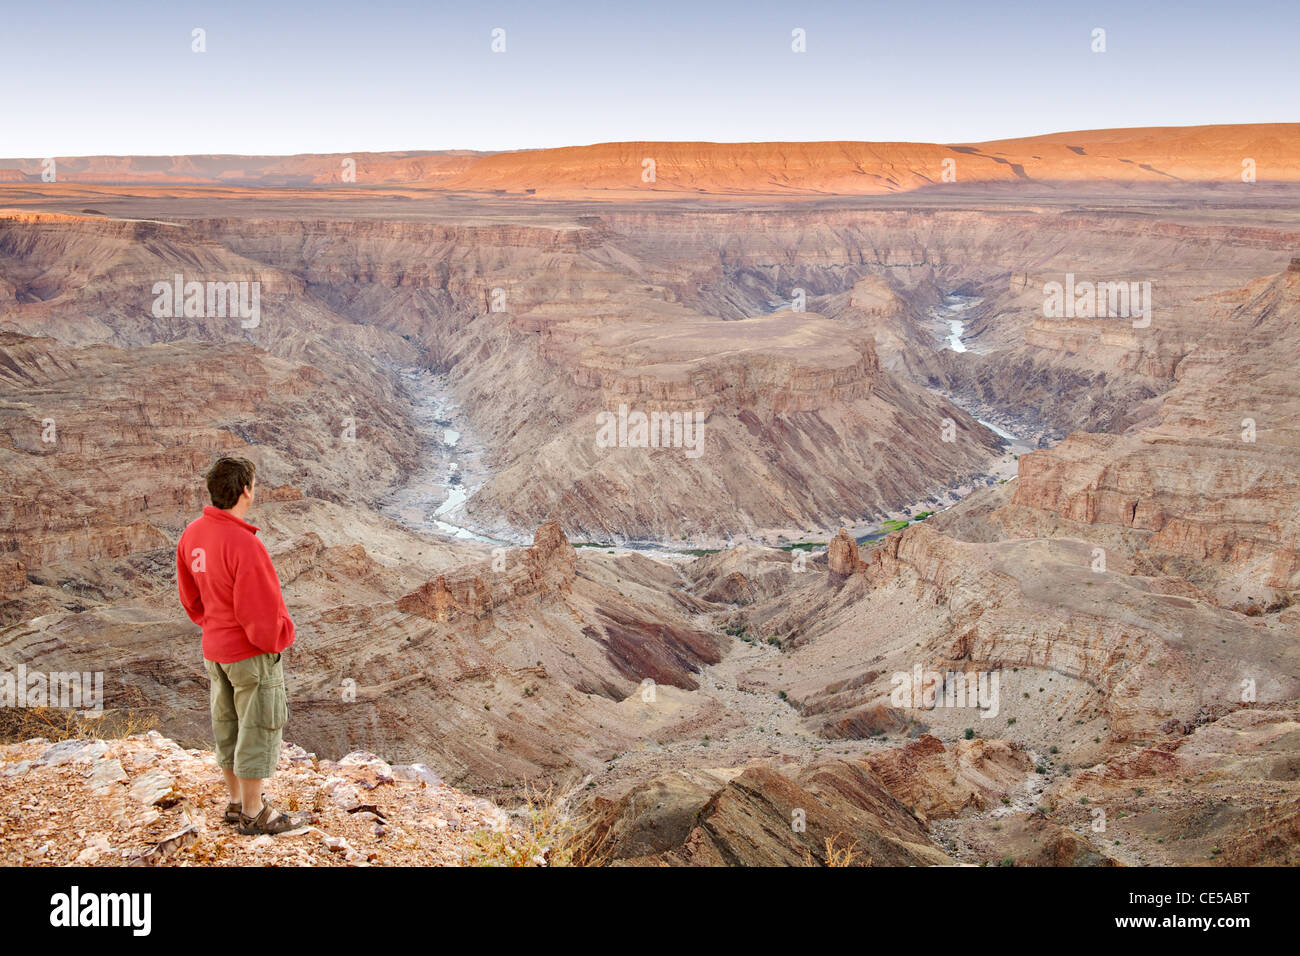 Un homme se tient à l'ensemble de la Fish River Canyon dans le sud de la Namibie à l'aube. Photo Stock